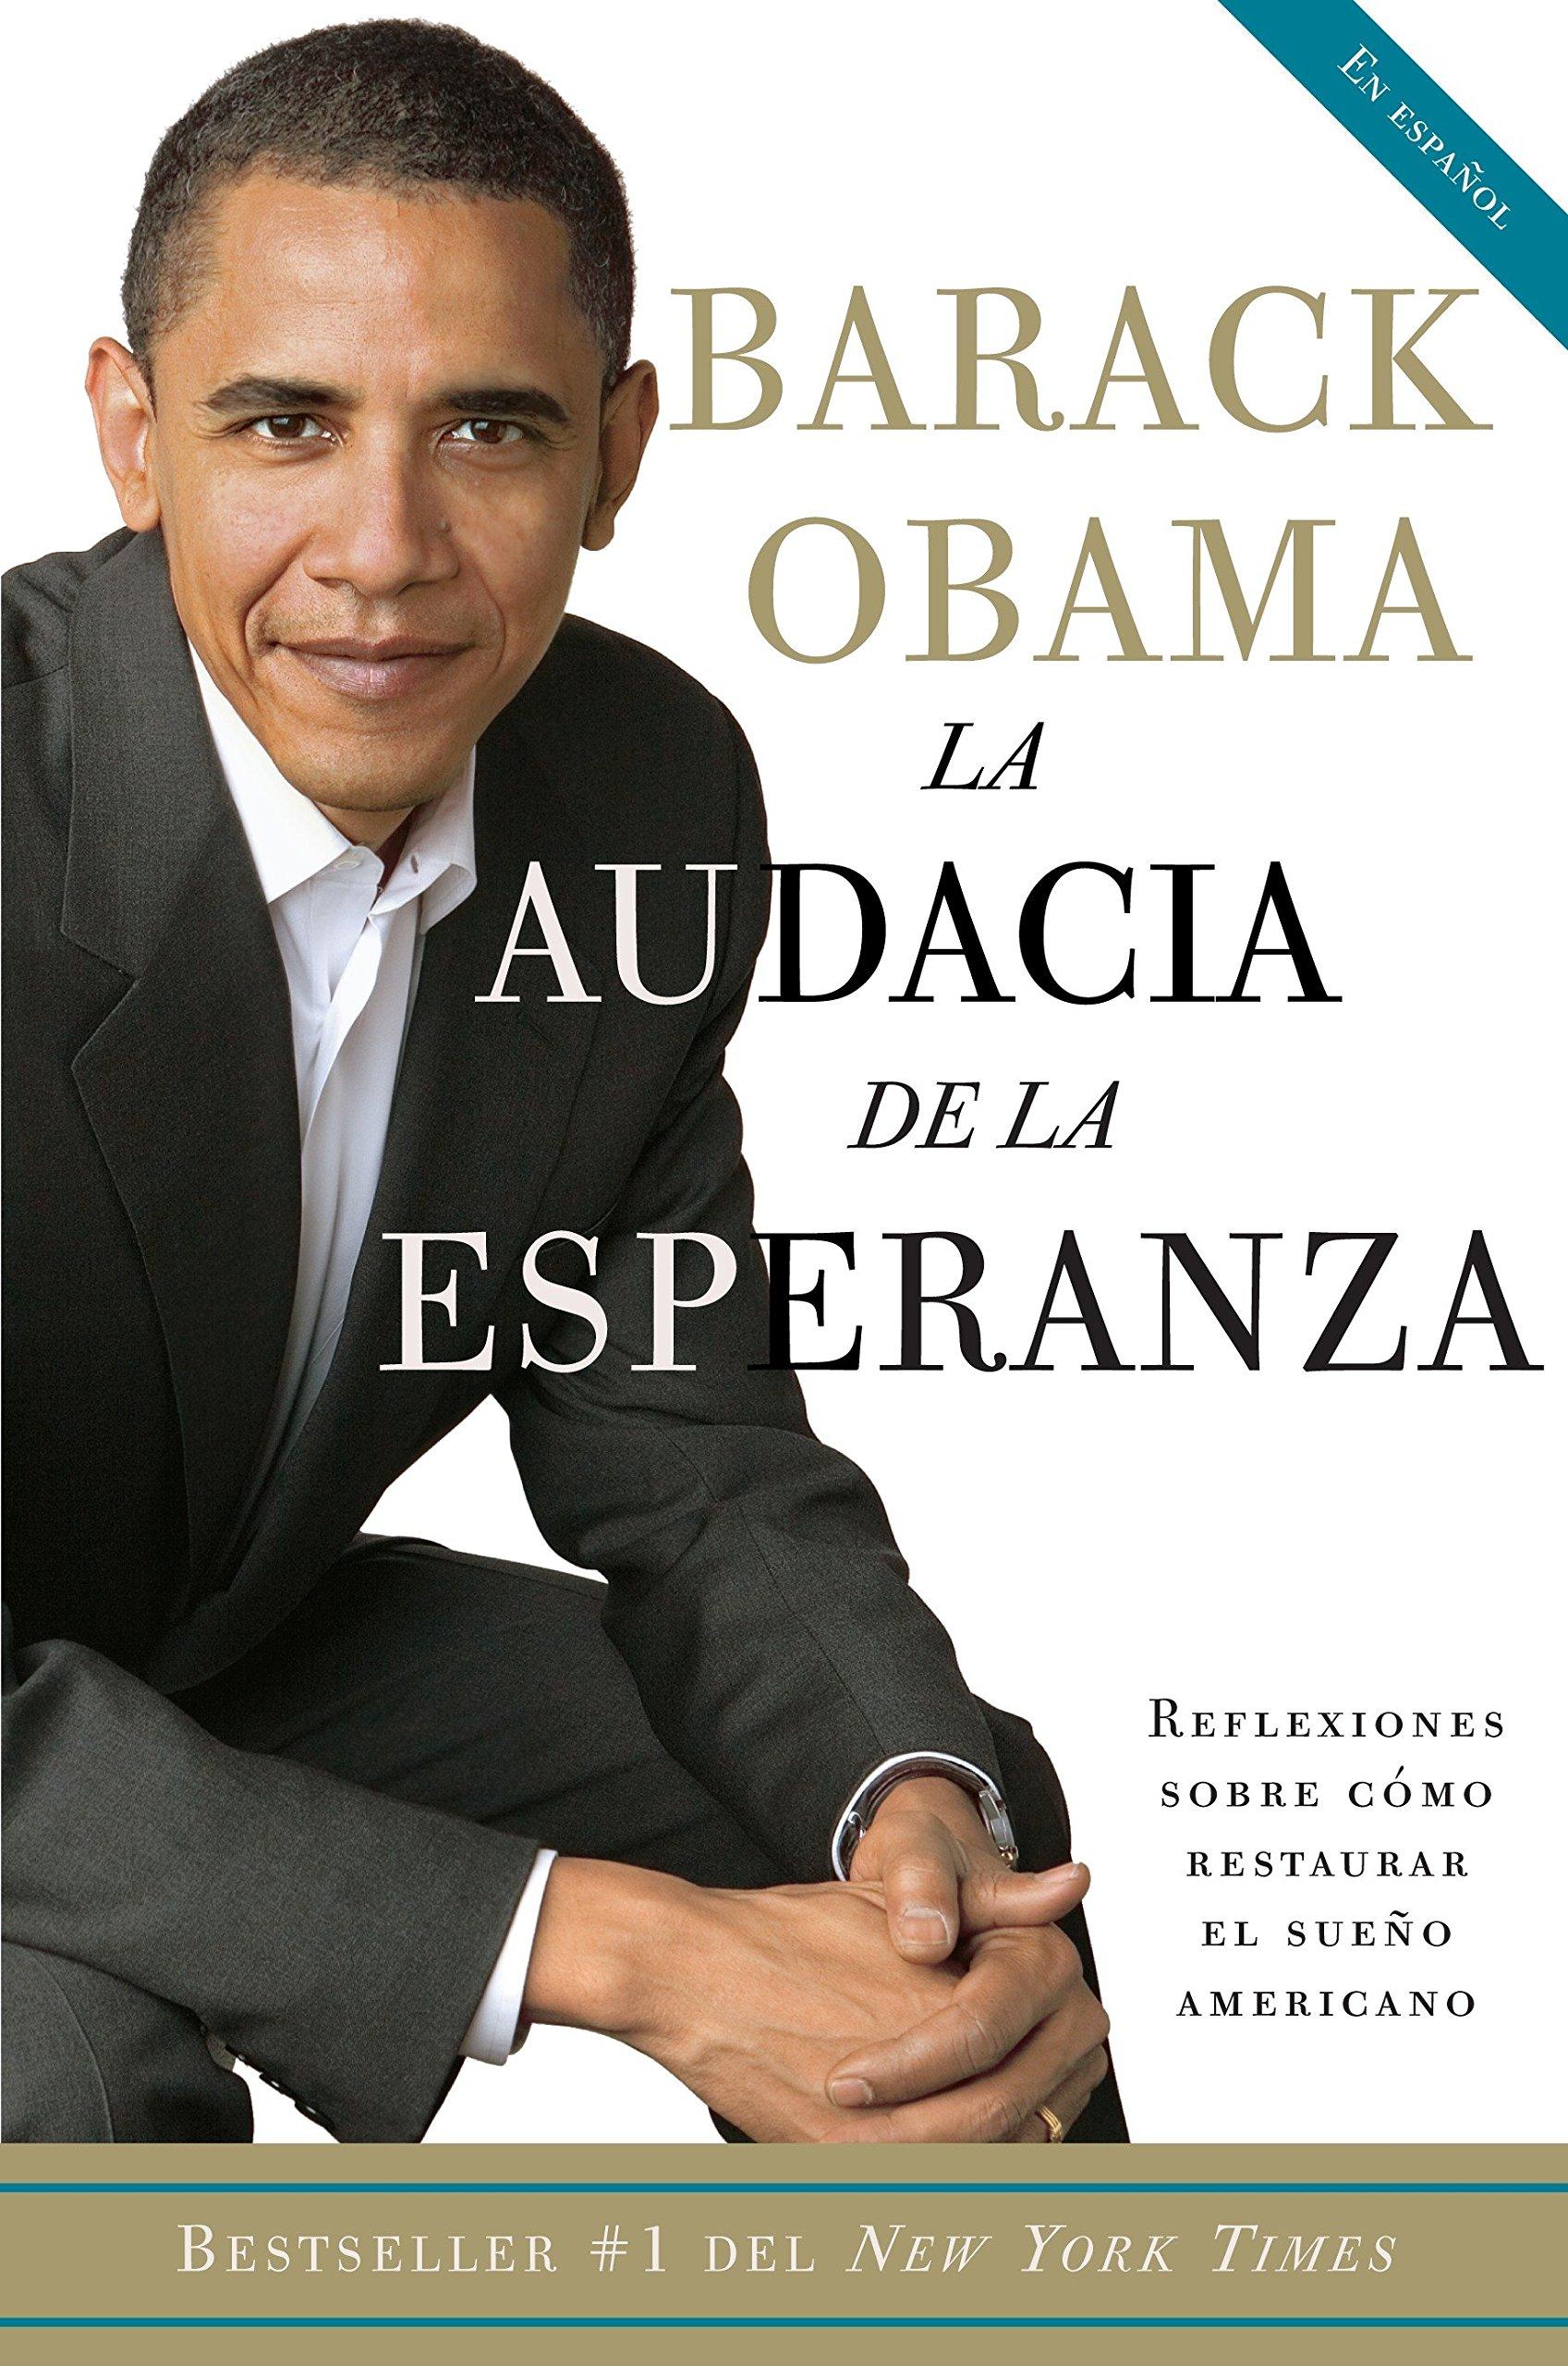 Download La audacia de la esperanza: Reflexiones sobre como restaurar el sueno americano (Spanish Edition) ebook